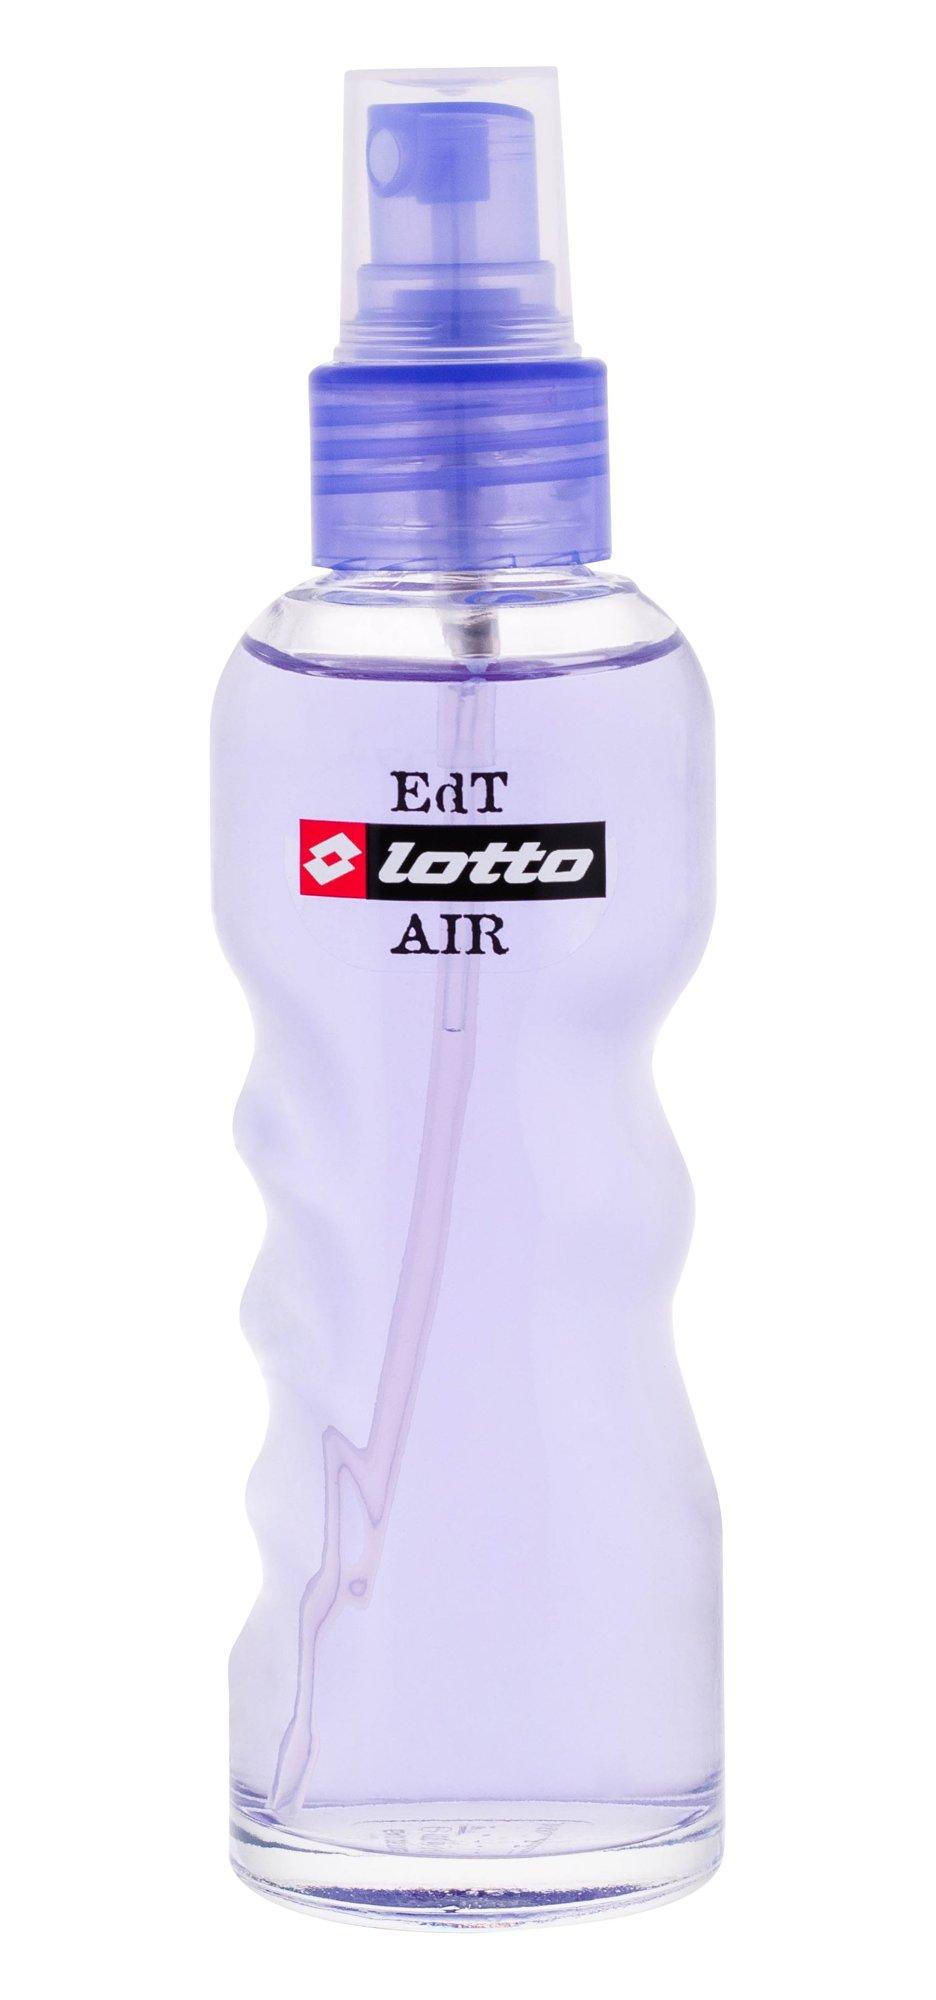 Lotto Lotto Air Eau de Toilette 100ml